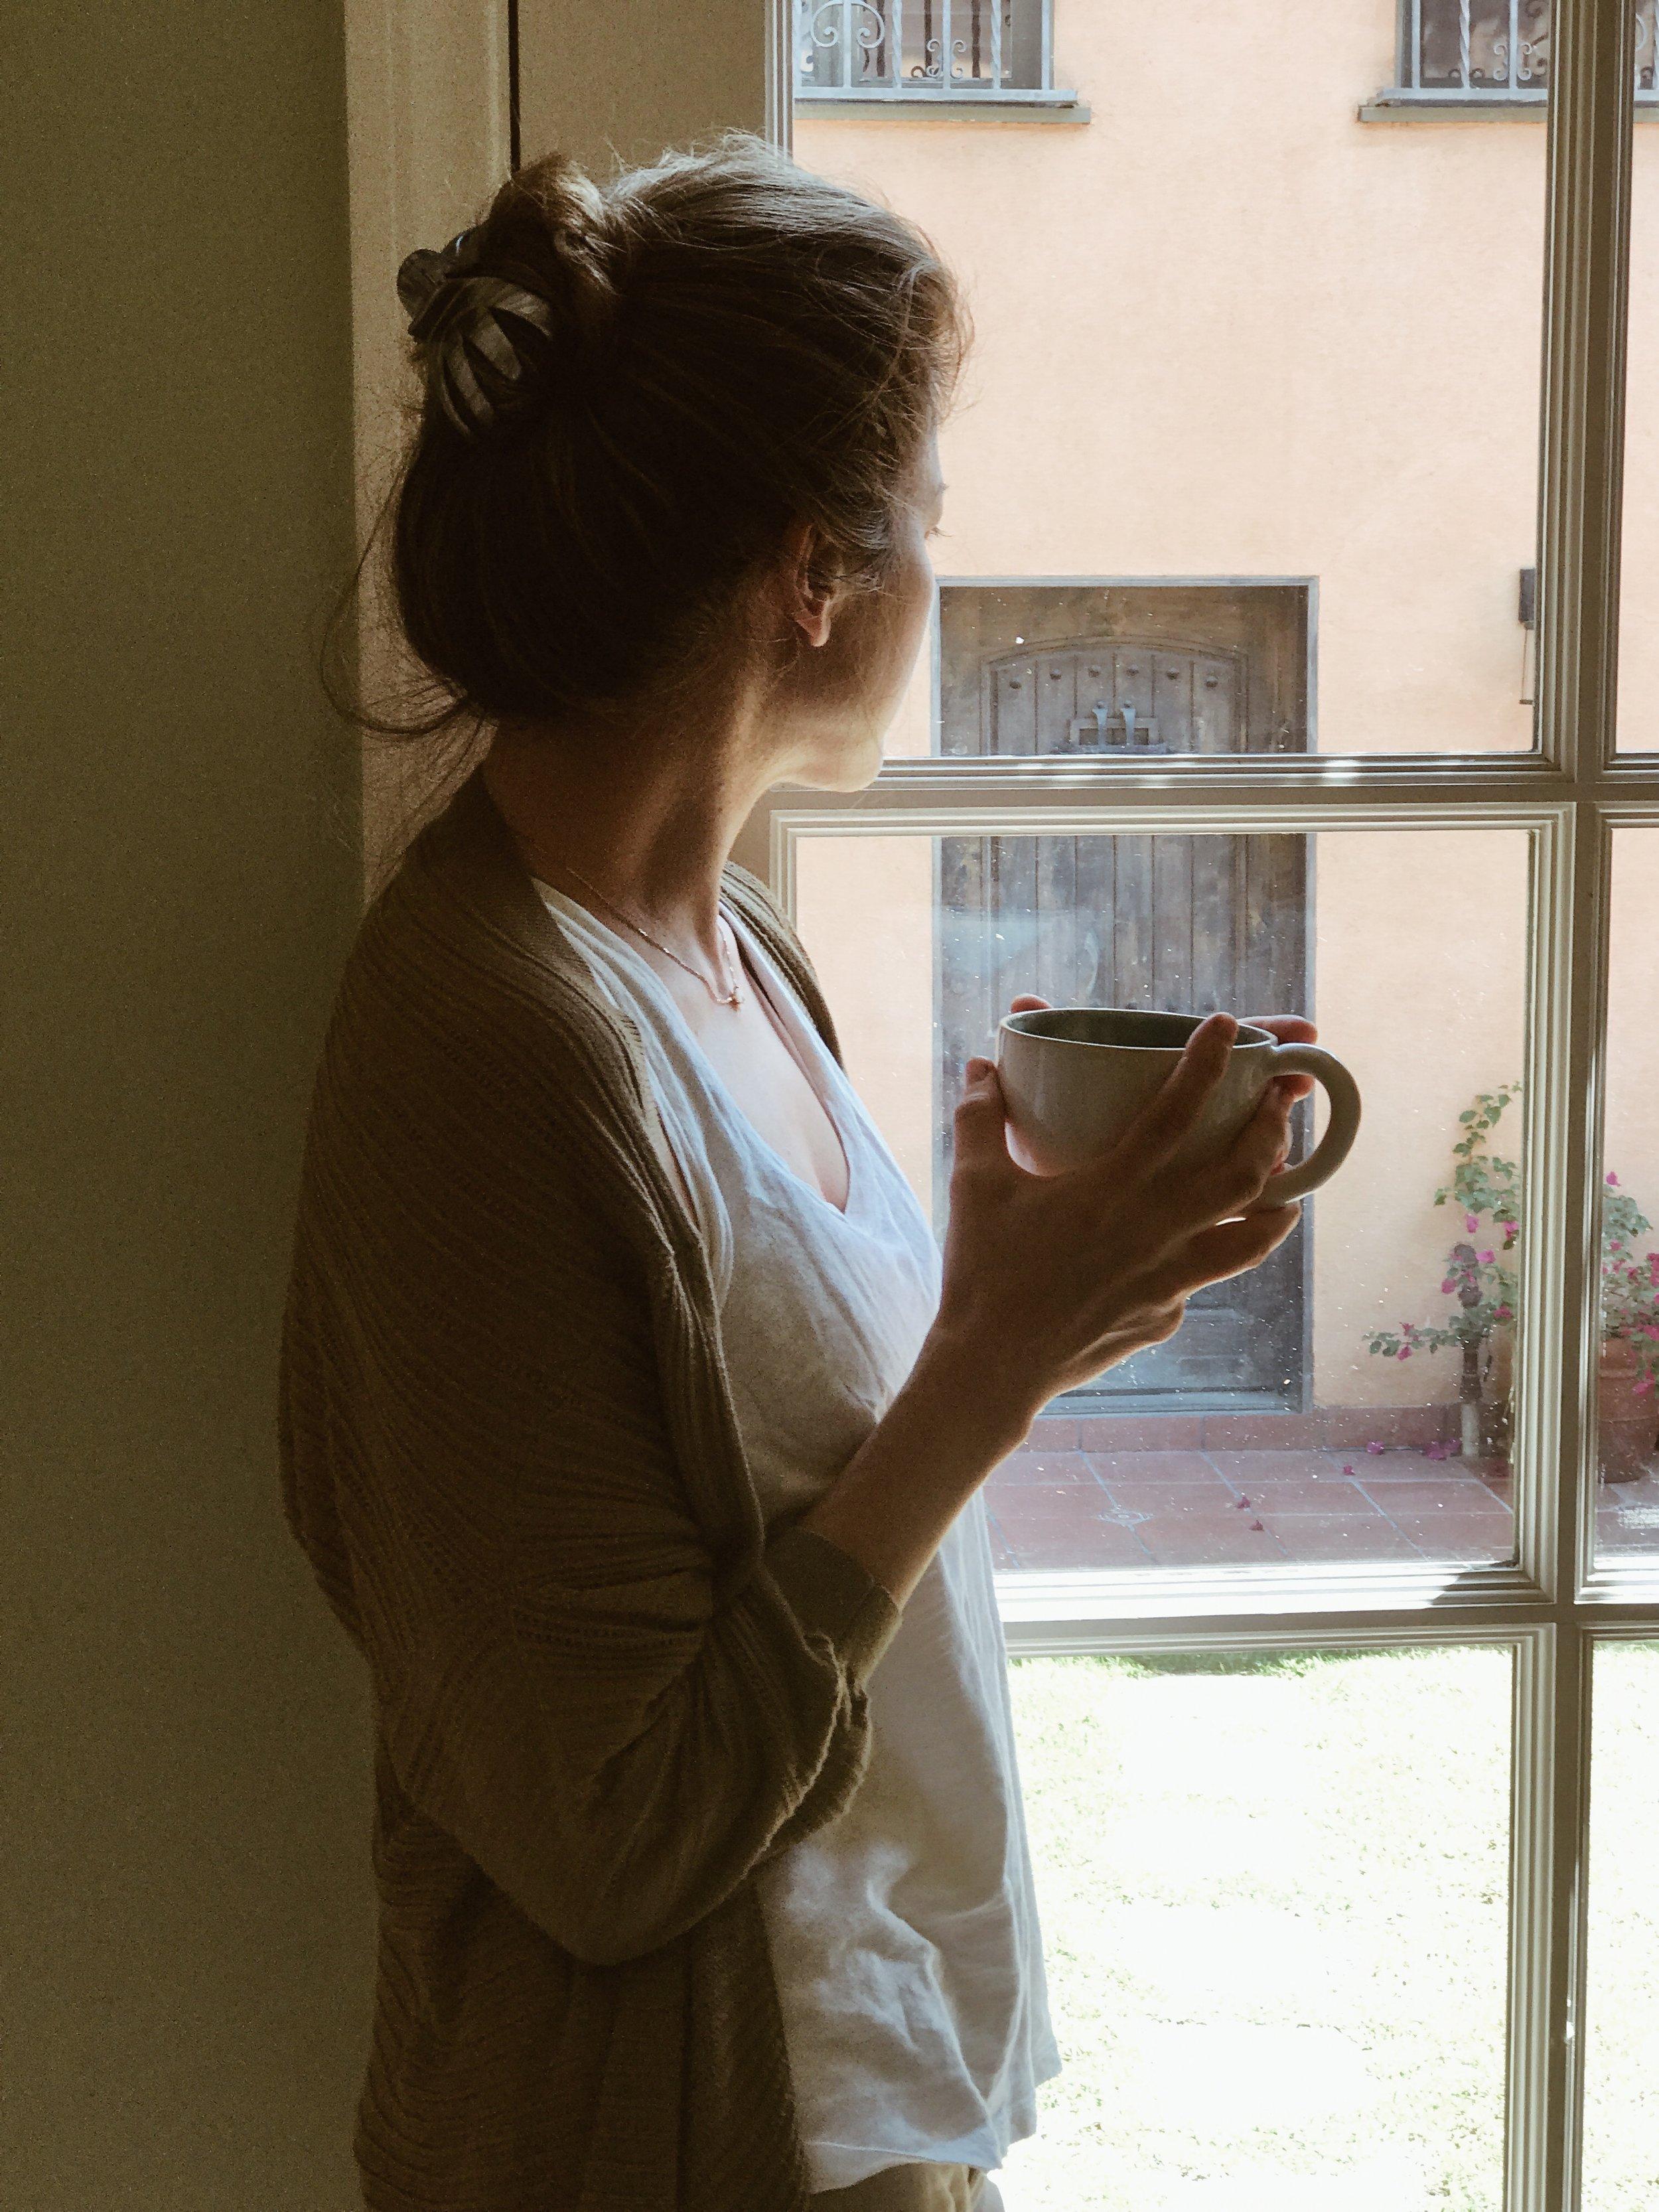 A tea break